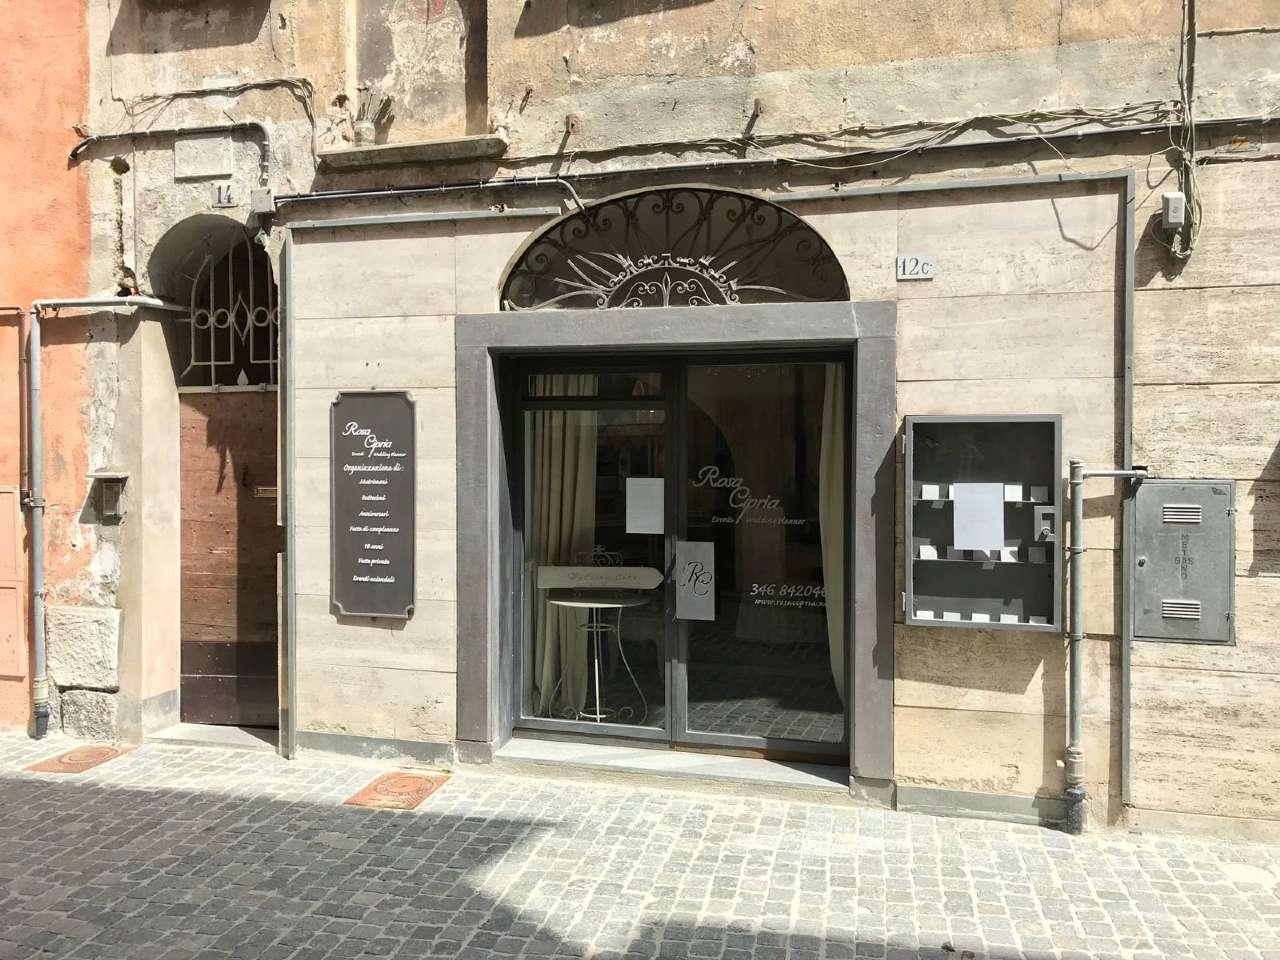 Negozio / Locale in affitto a Mondovì, 2 locali, prezzo € 280 | CambioCasa.it